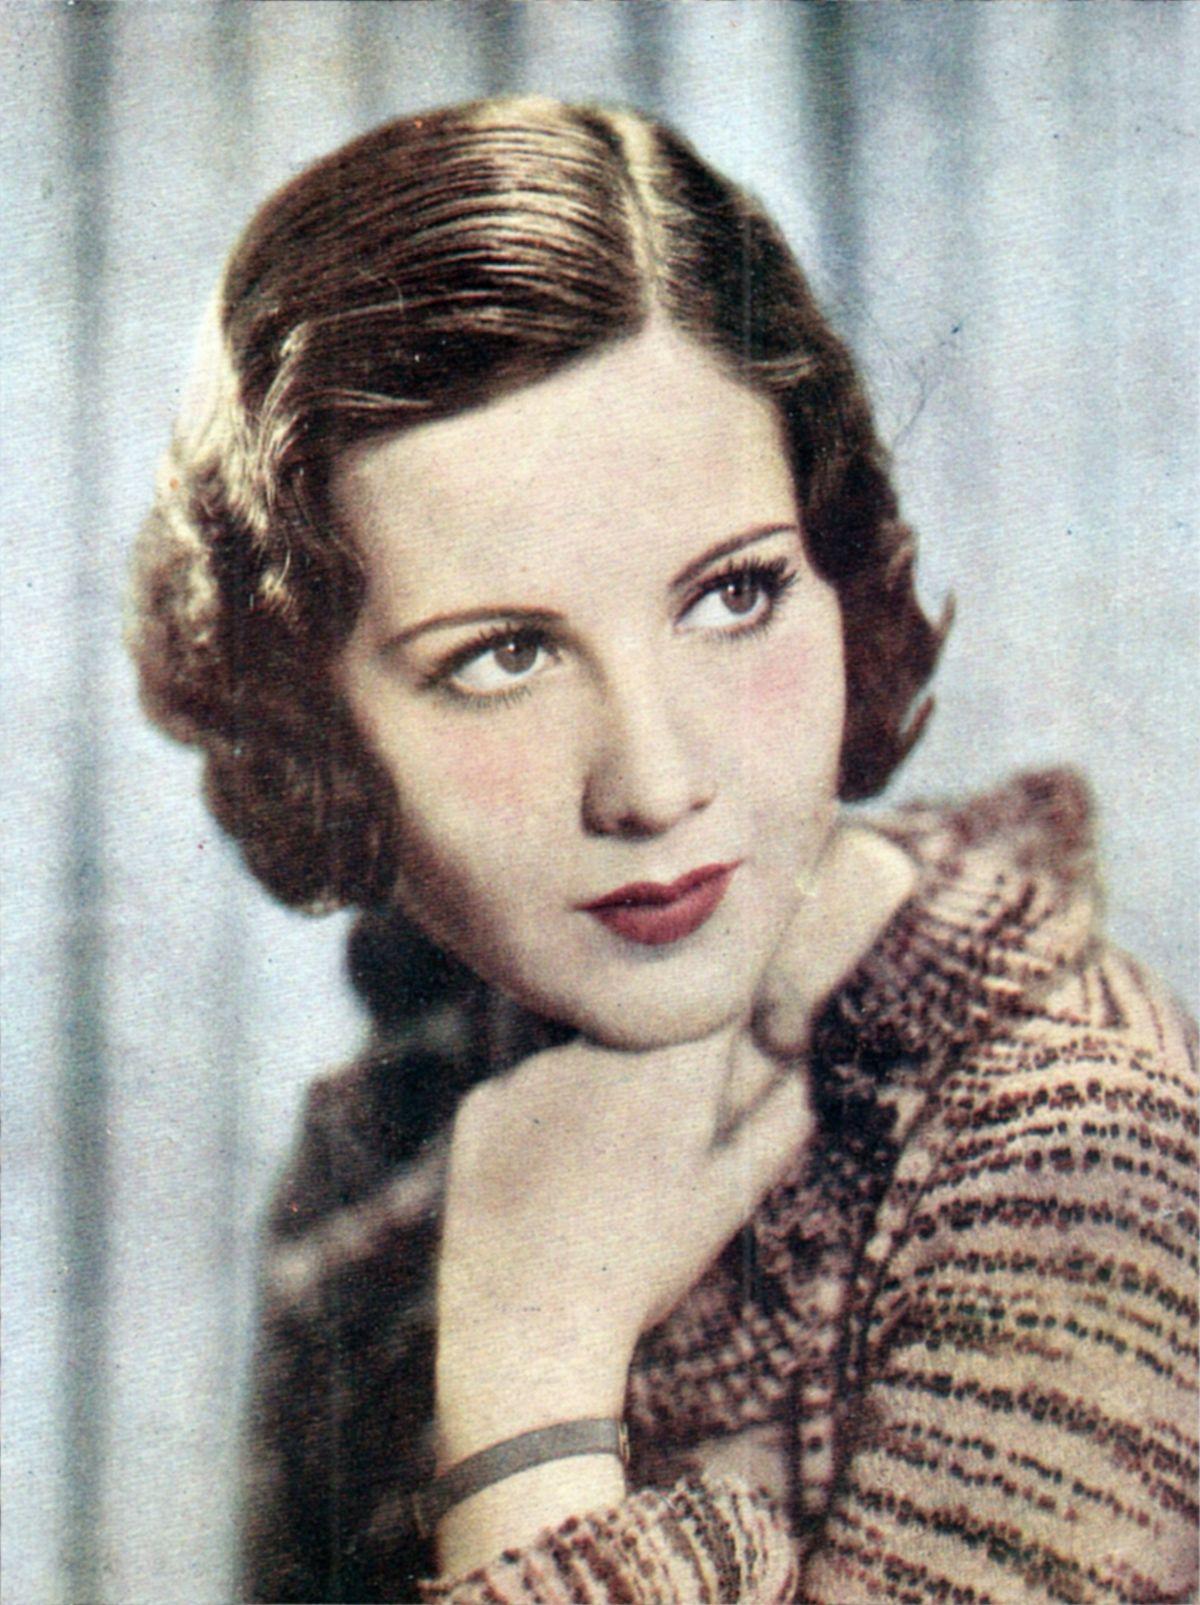 Mary Brian - Wikipedia